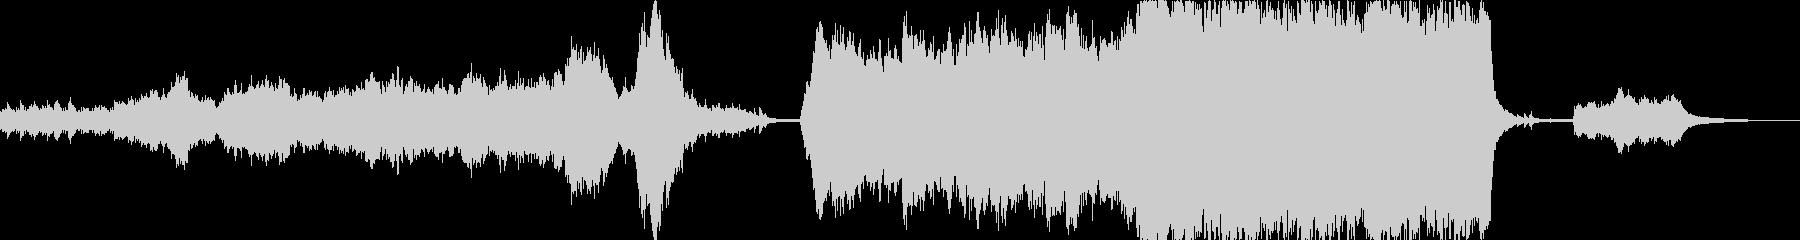 重いエピックオーケストラと蓮の花タムなしの未再生の波形